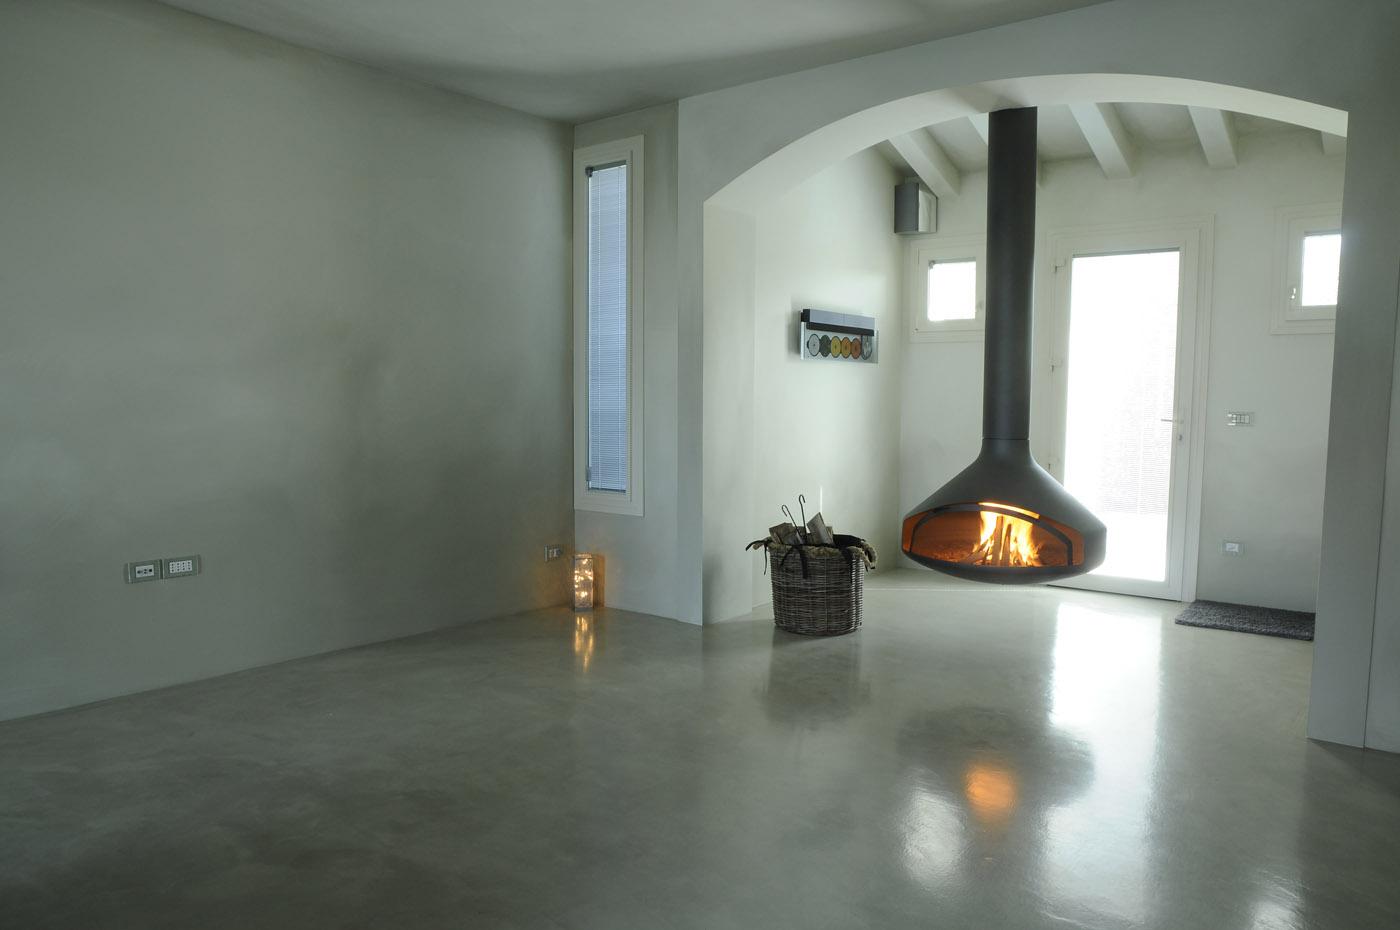 Pavimenti sottili effetto resina parquet pietra leef - Posa piastrelle prezzo al mq ...